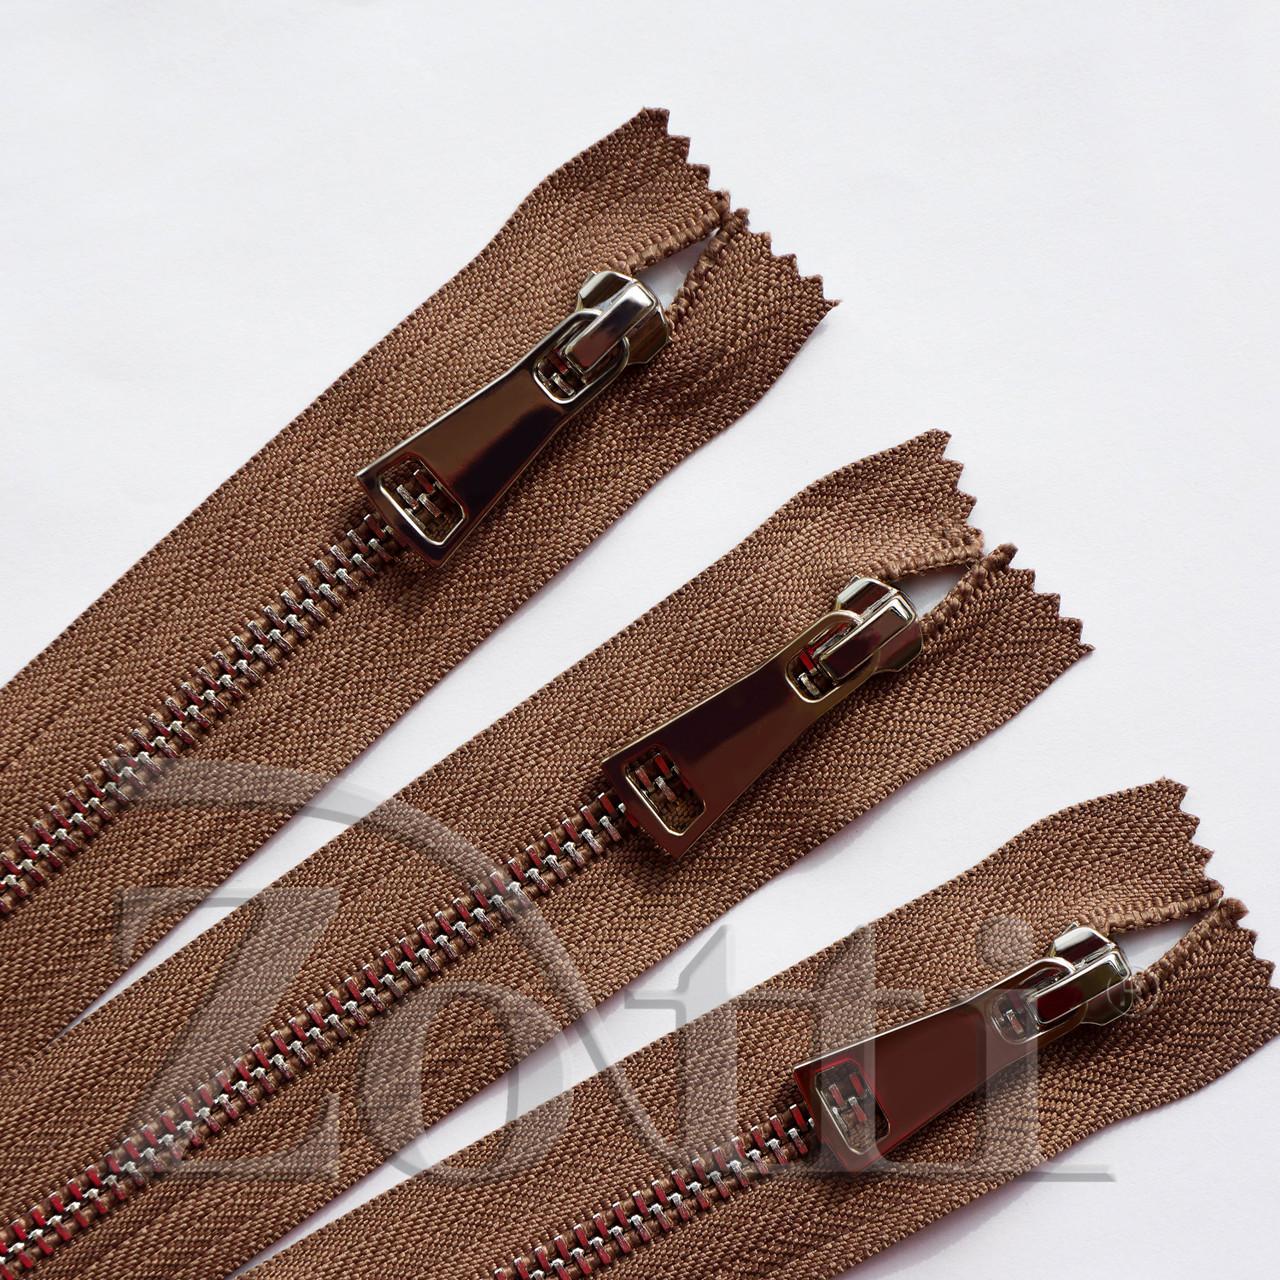 Молния (змейка,застежка) металлическая №5, размерная, обувная, коричневая, с серебряным бегунком № 115 - 50 см